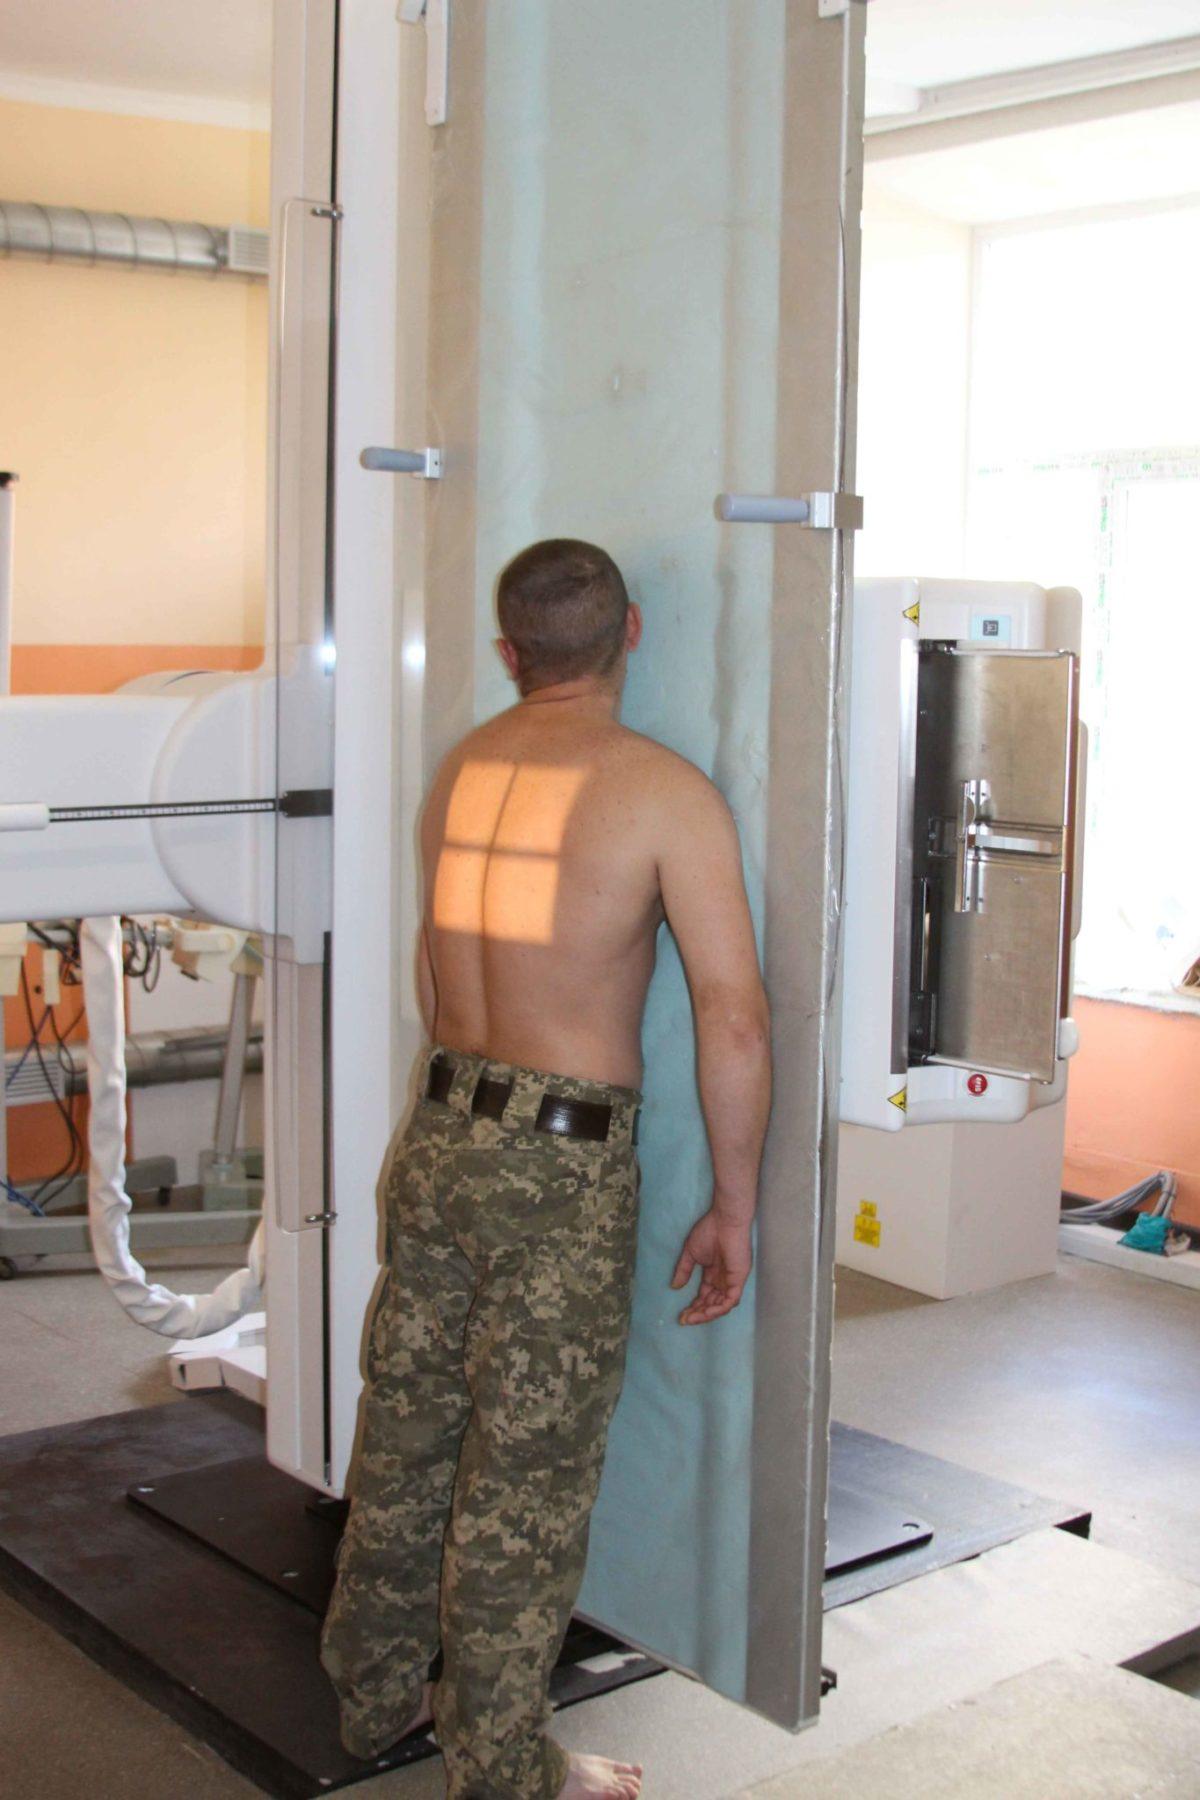 Маючи лише 200 ліжок, житомирський госпіталь щороку лікує на стаціонарі понад 7 тисяч хворих